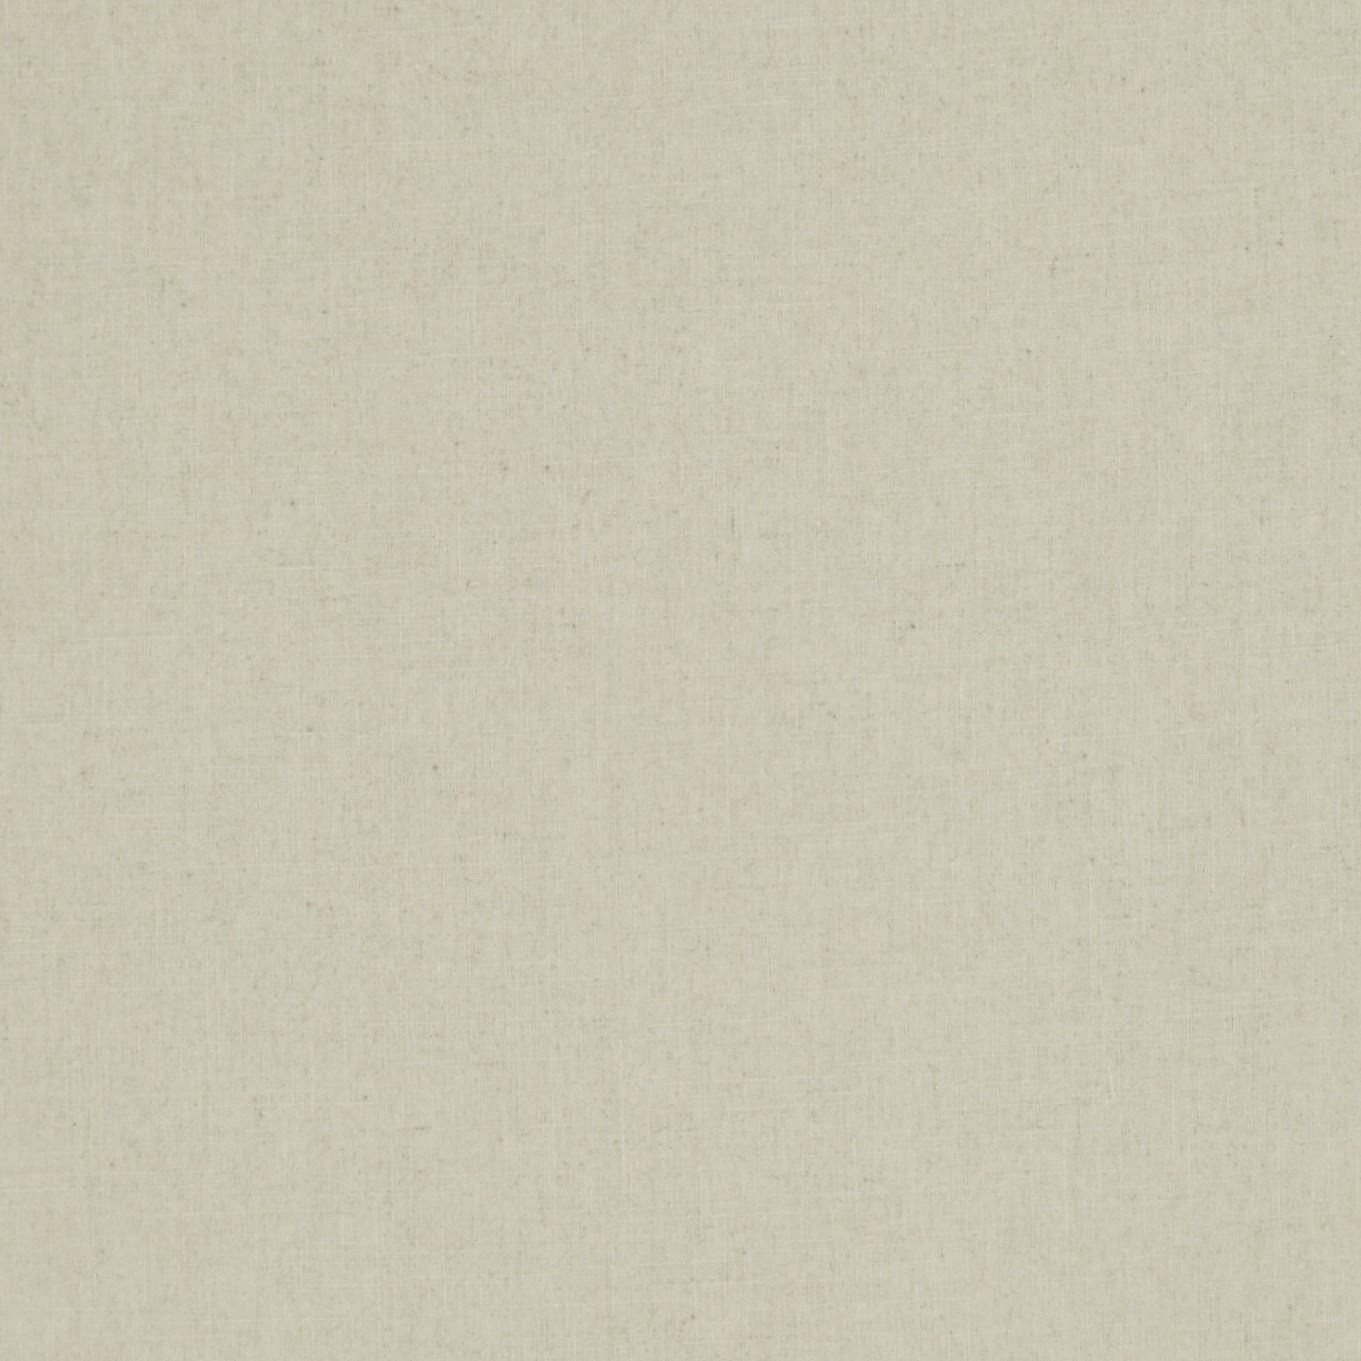 John Lewis Savannah Semi Plain Fabric